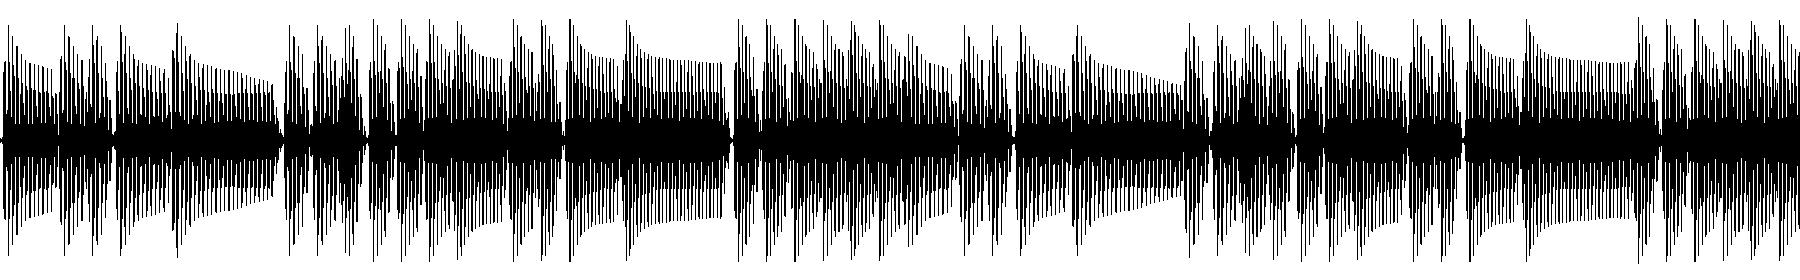 202244 bass01 wav